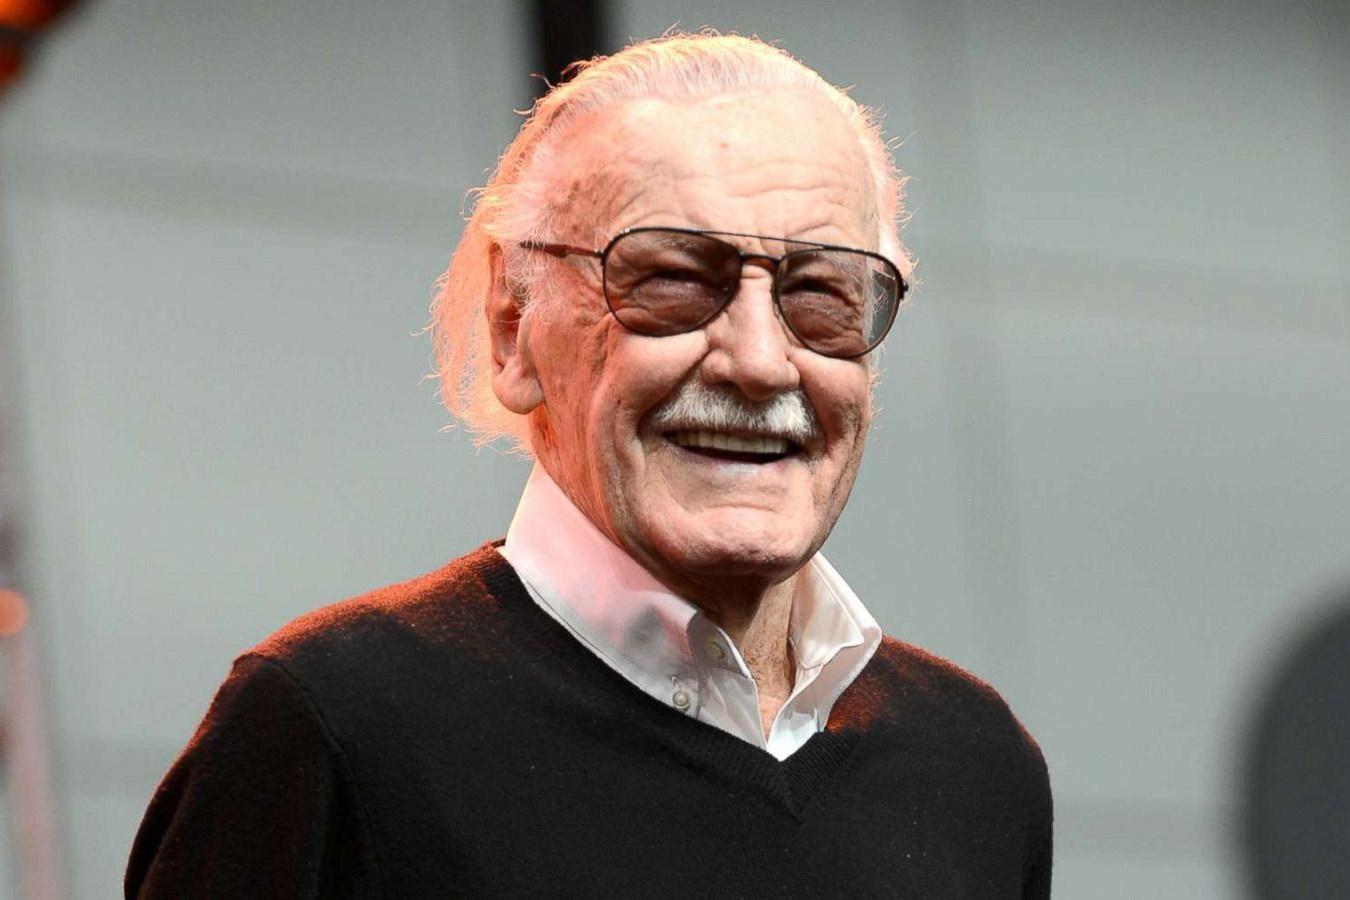 父�y�,y��y�-z)�bi_i.p.,漫威之父stan lee逝世,享年 95 岁!